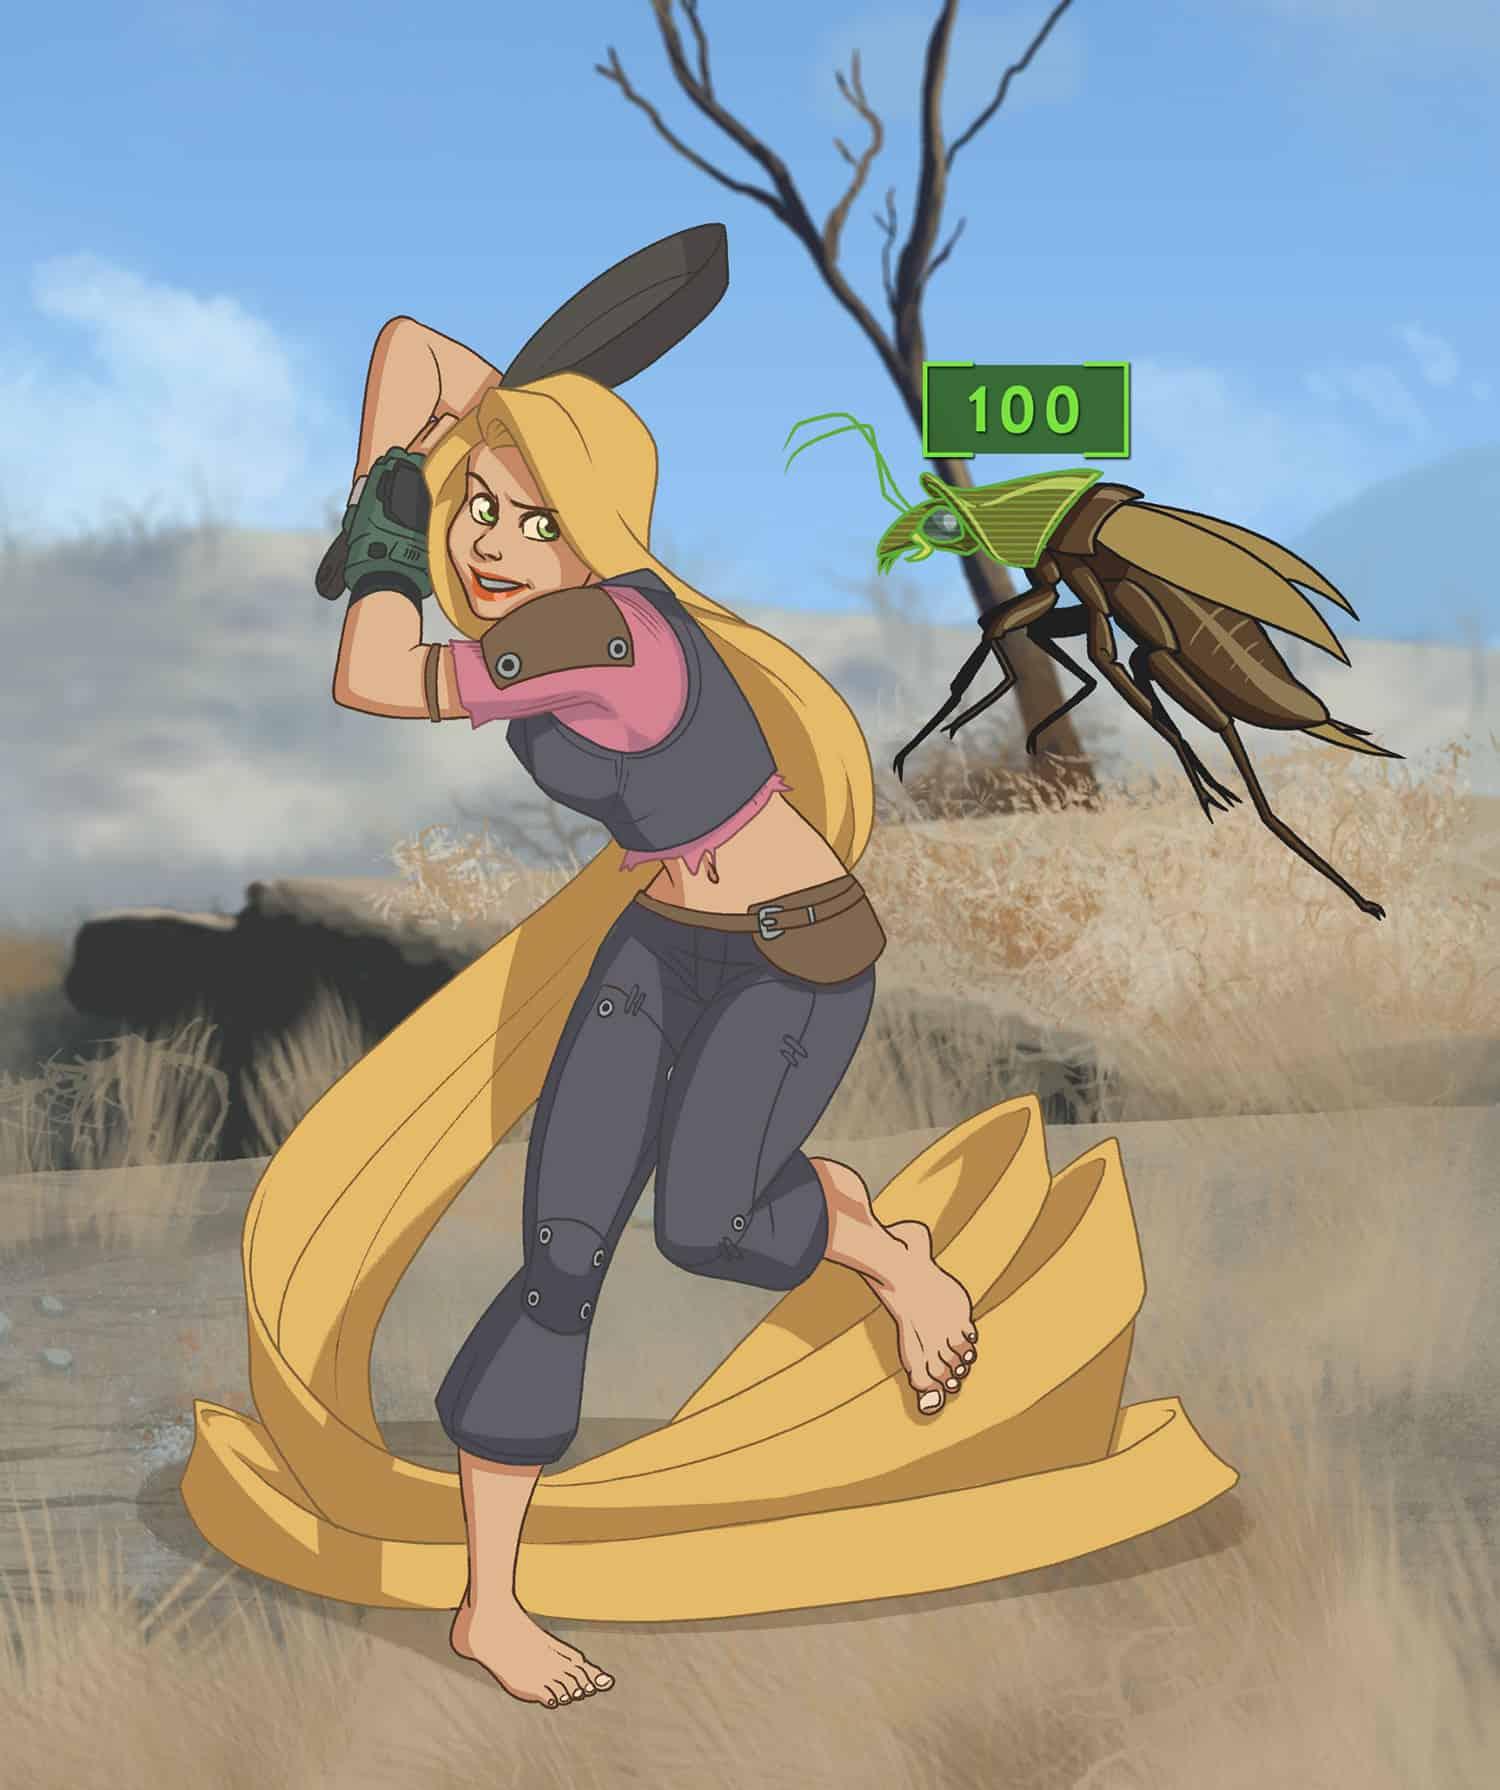 merc-adventurer-rapunzel-fallout-pinup-girl